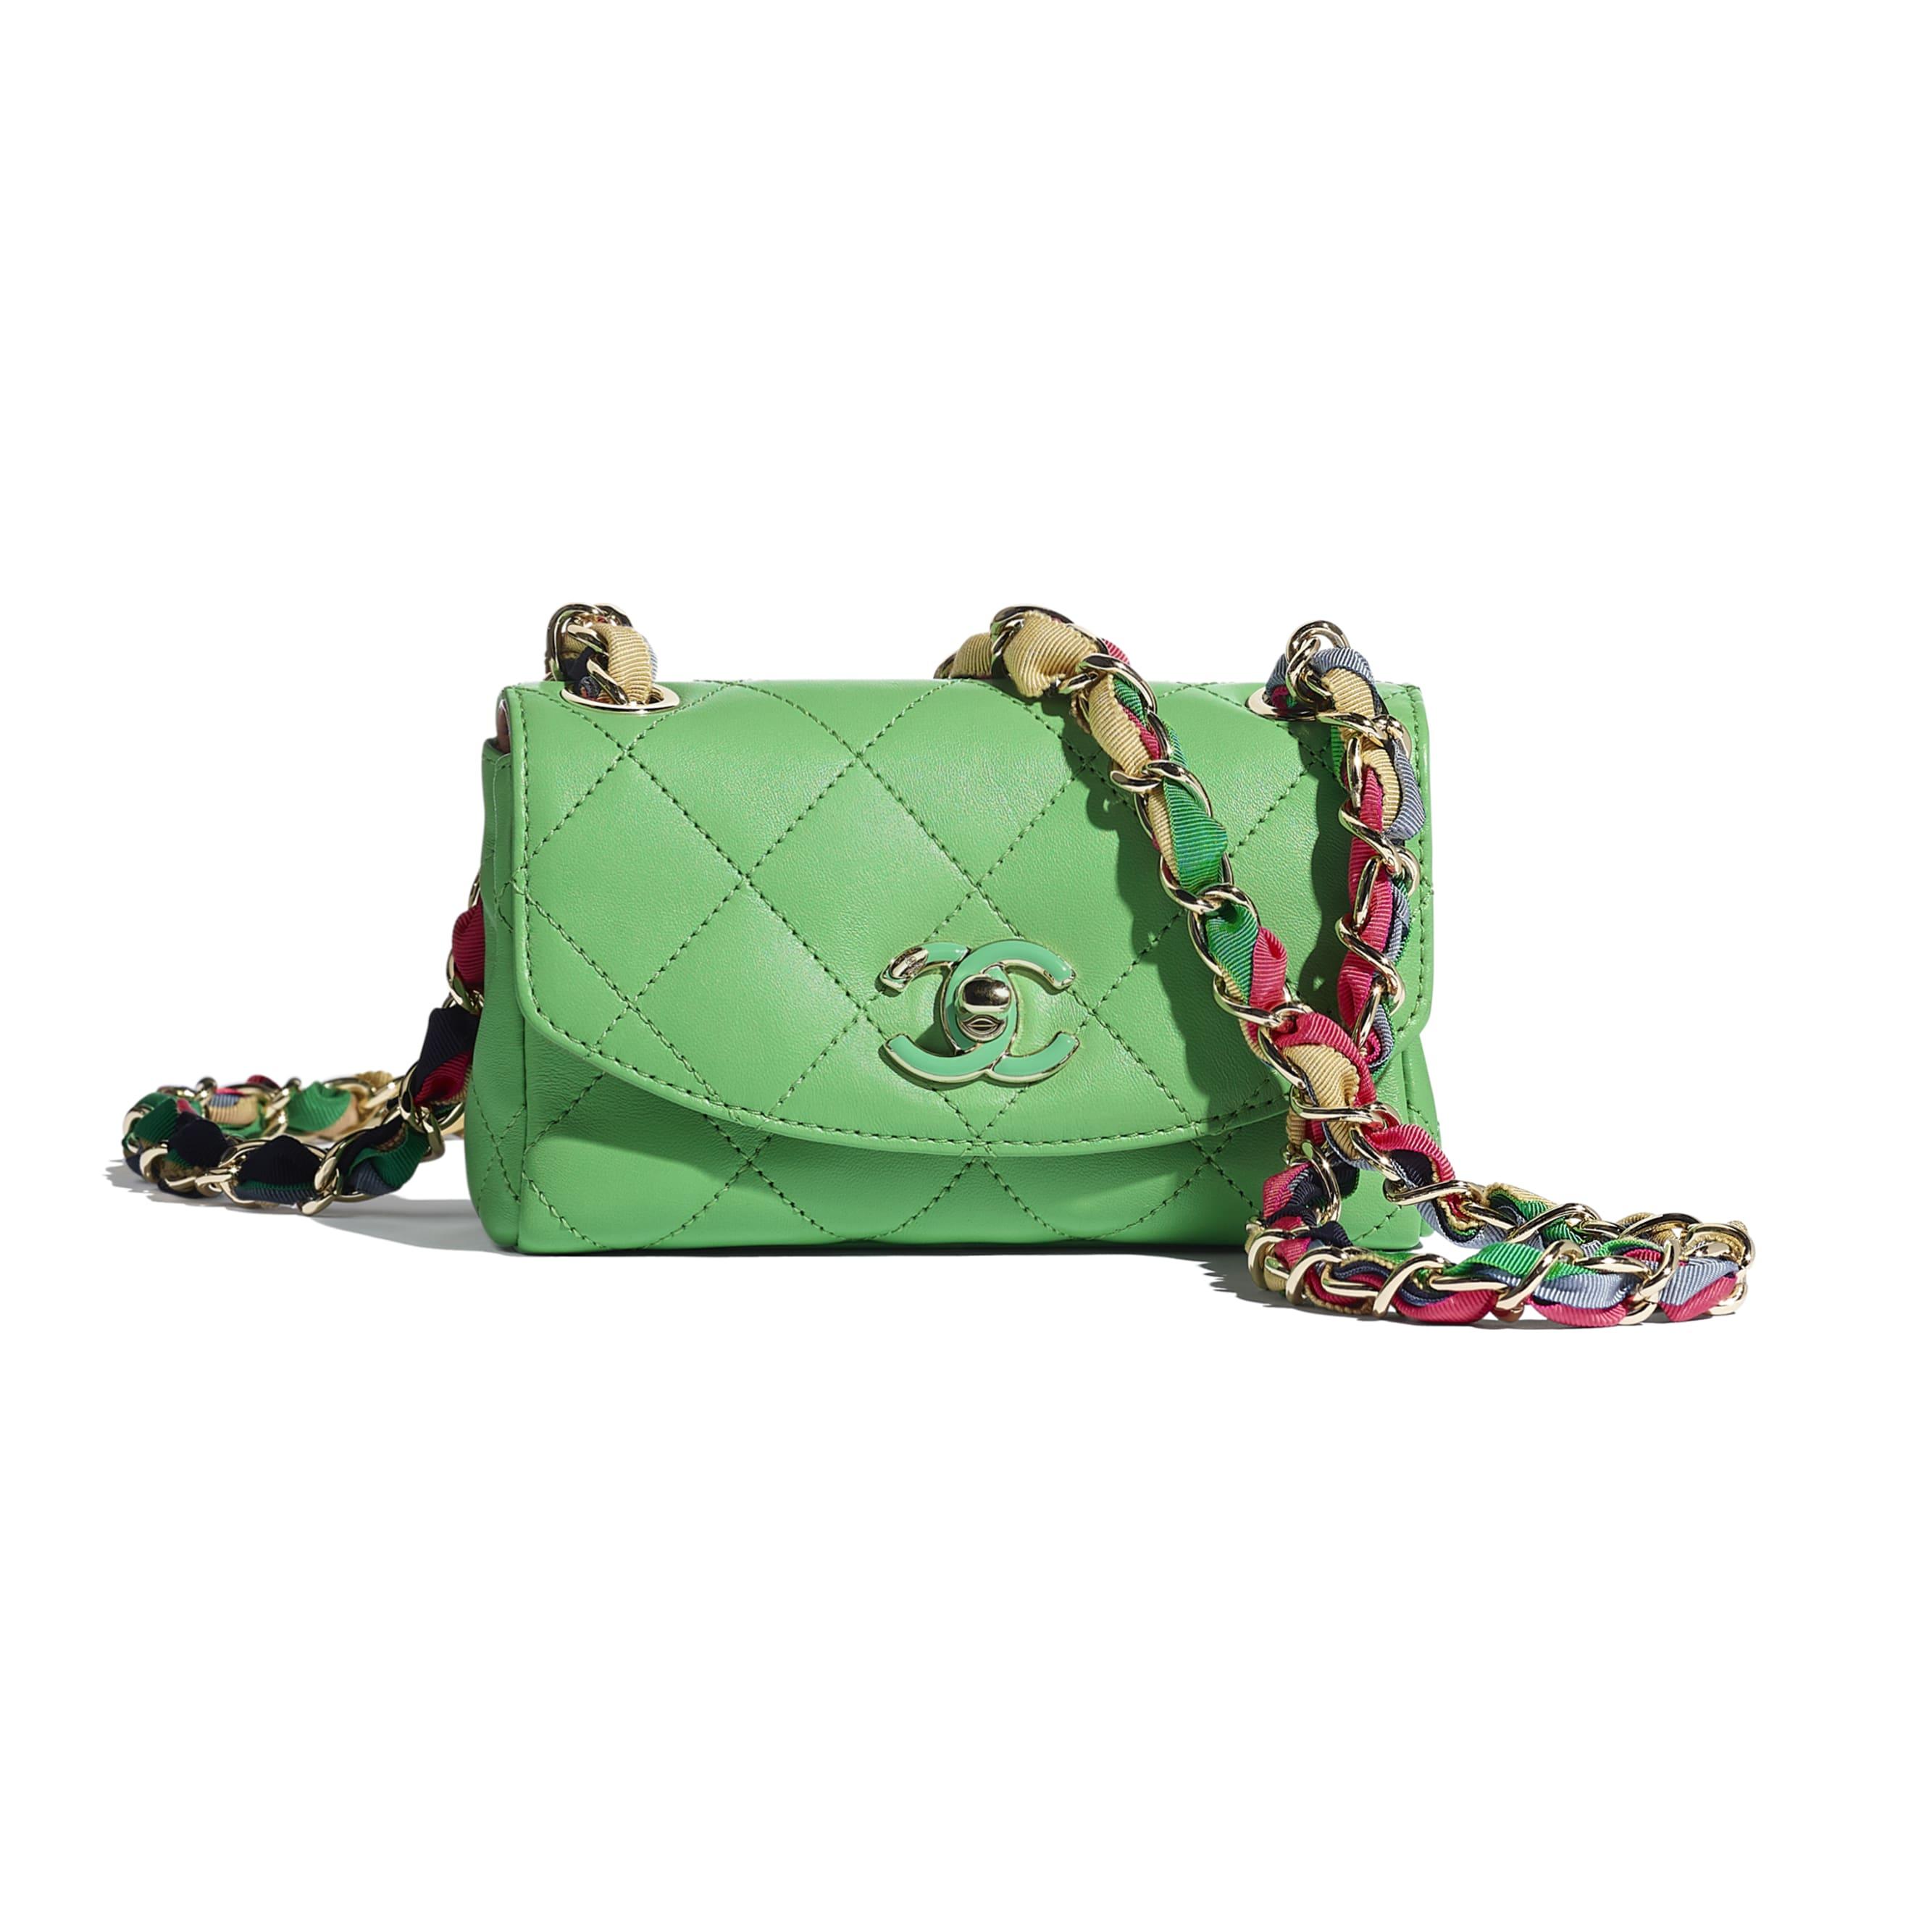 細號垂蓋手袋 - 綠色 - 小羊皮、混合纖維及金色金屬 - CHANEL - 預設視圖 - 查看標準尺寸版本